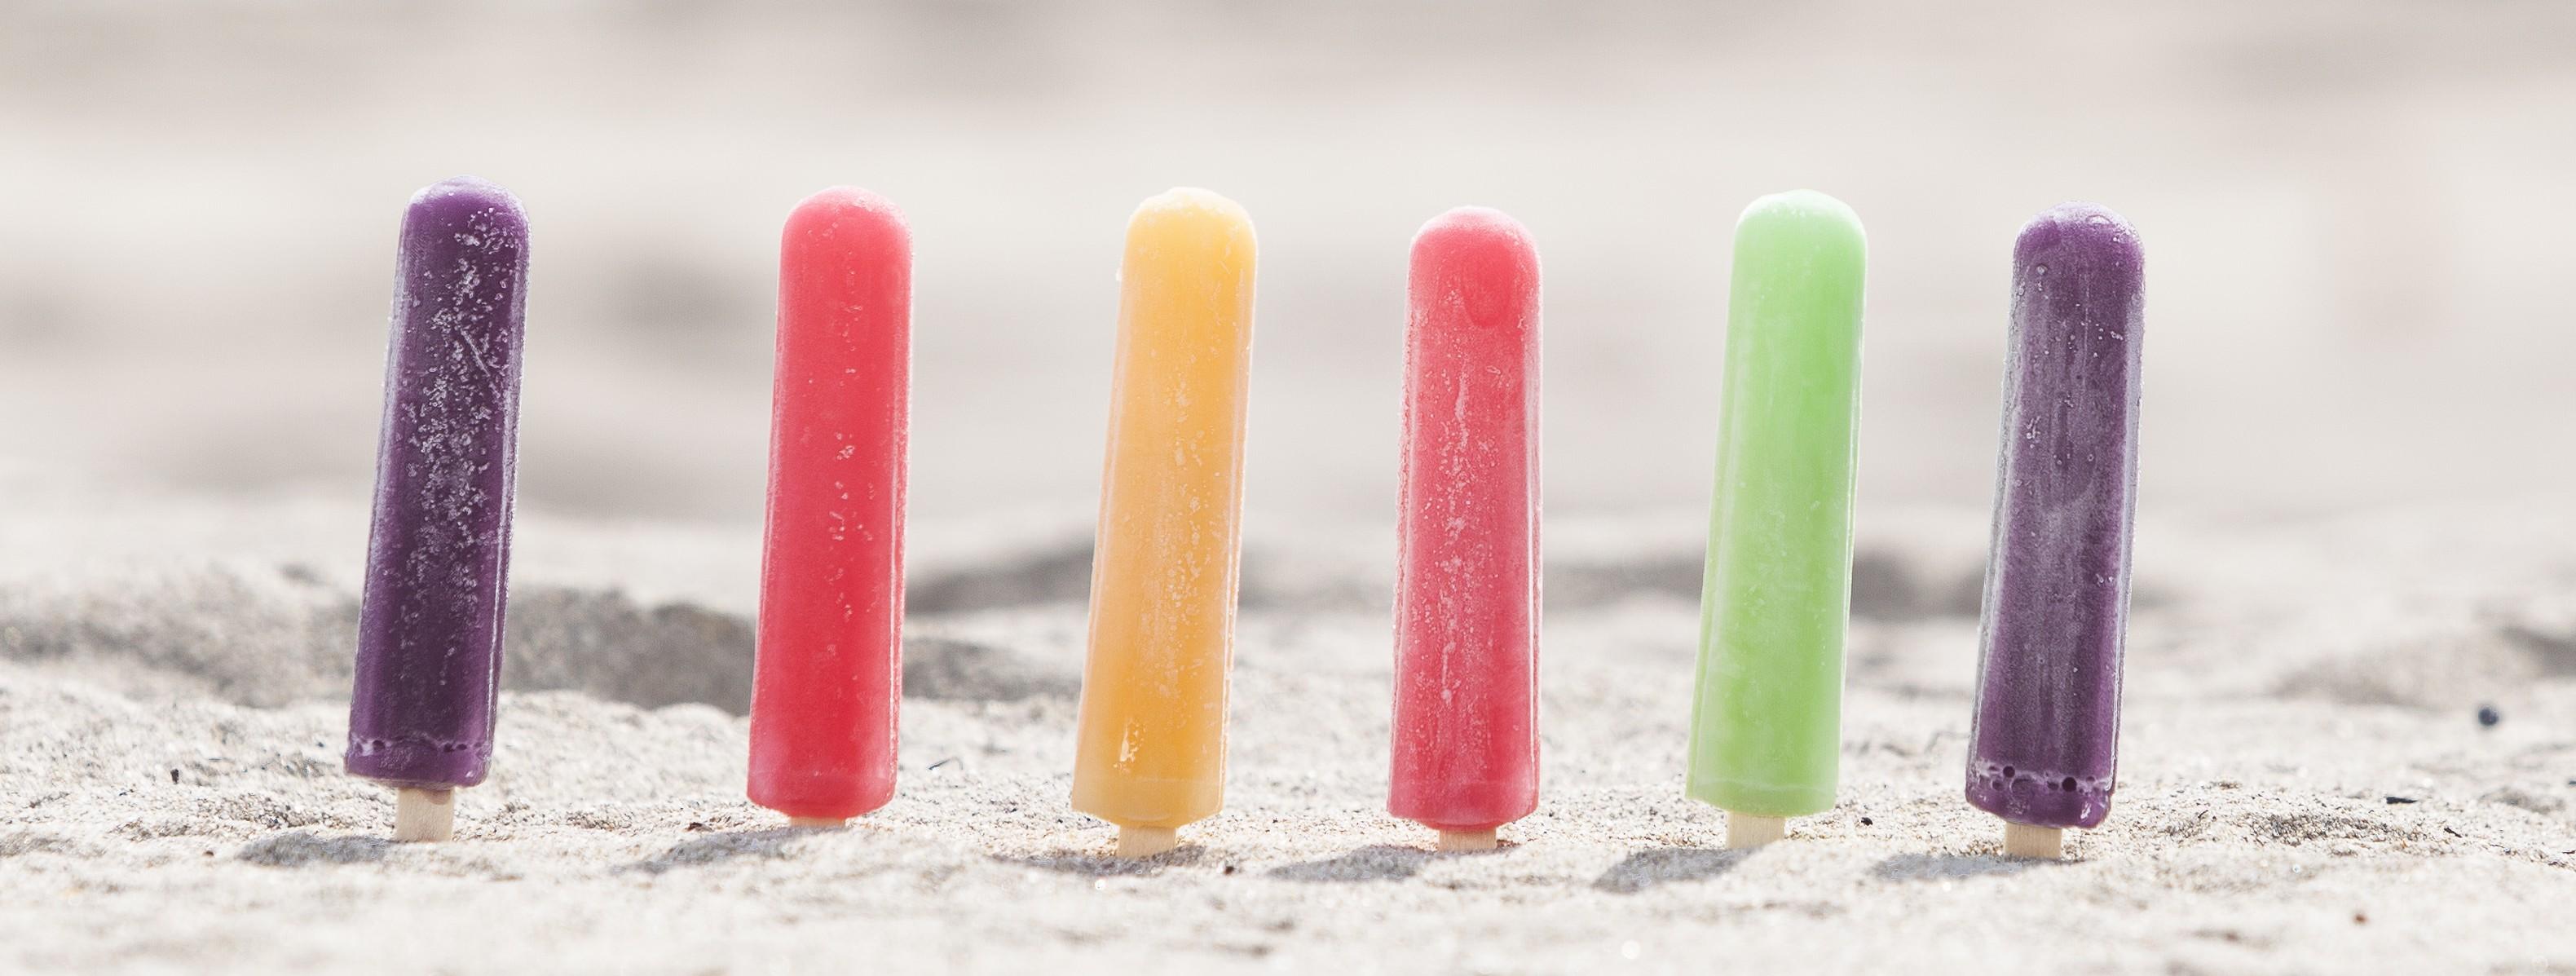 Multi-colored pops